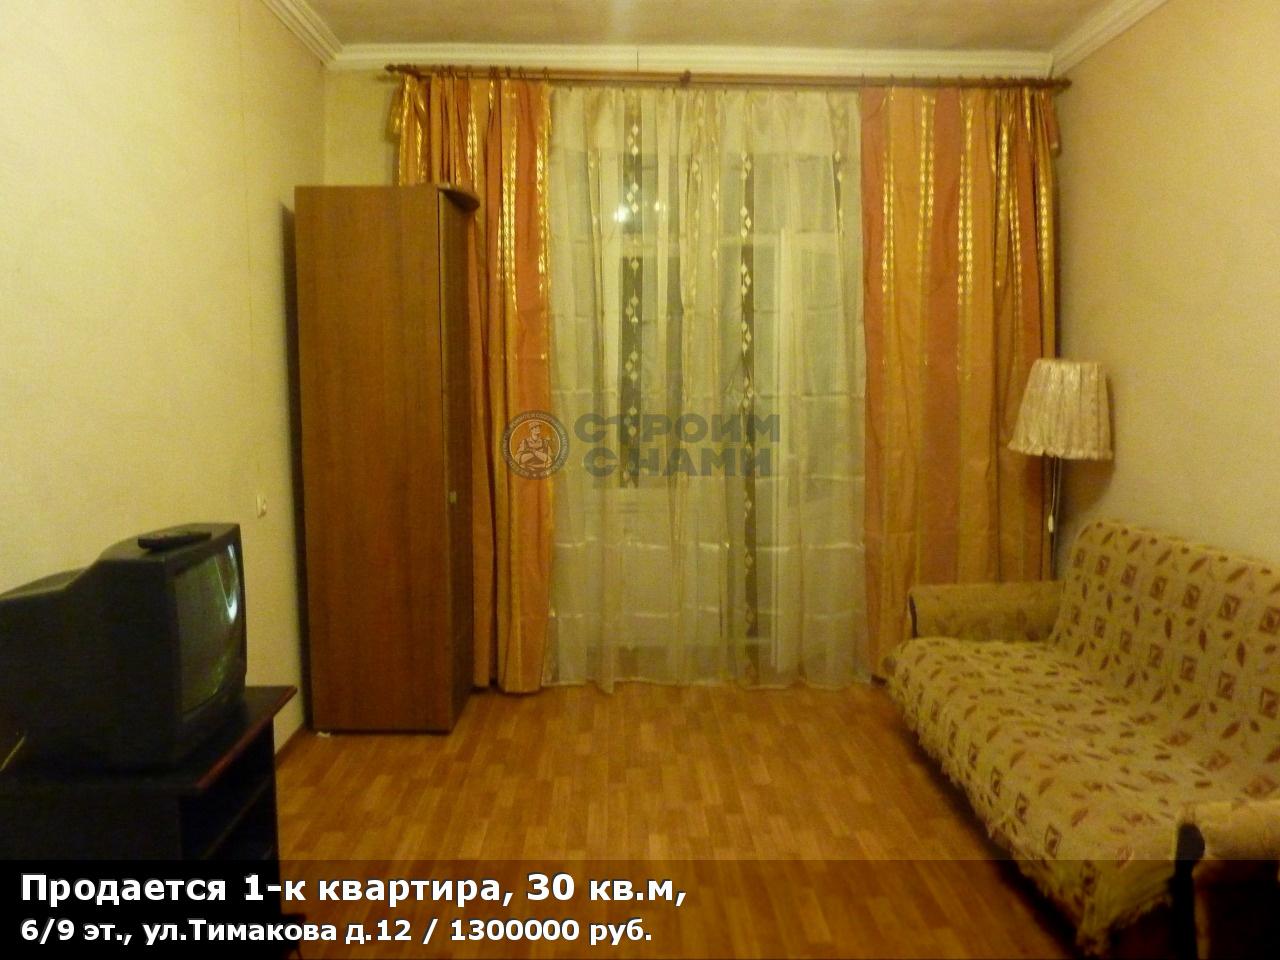 Продается 1-к квартира, 30 кв.м, 6/9 эт., ул.Тимакова д.12